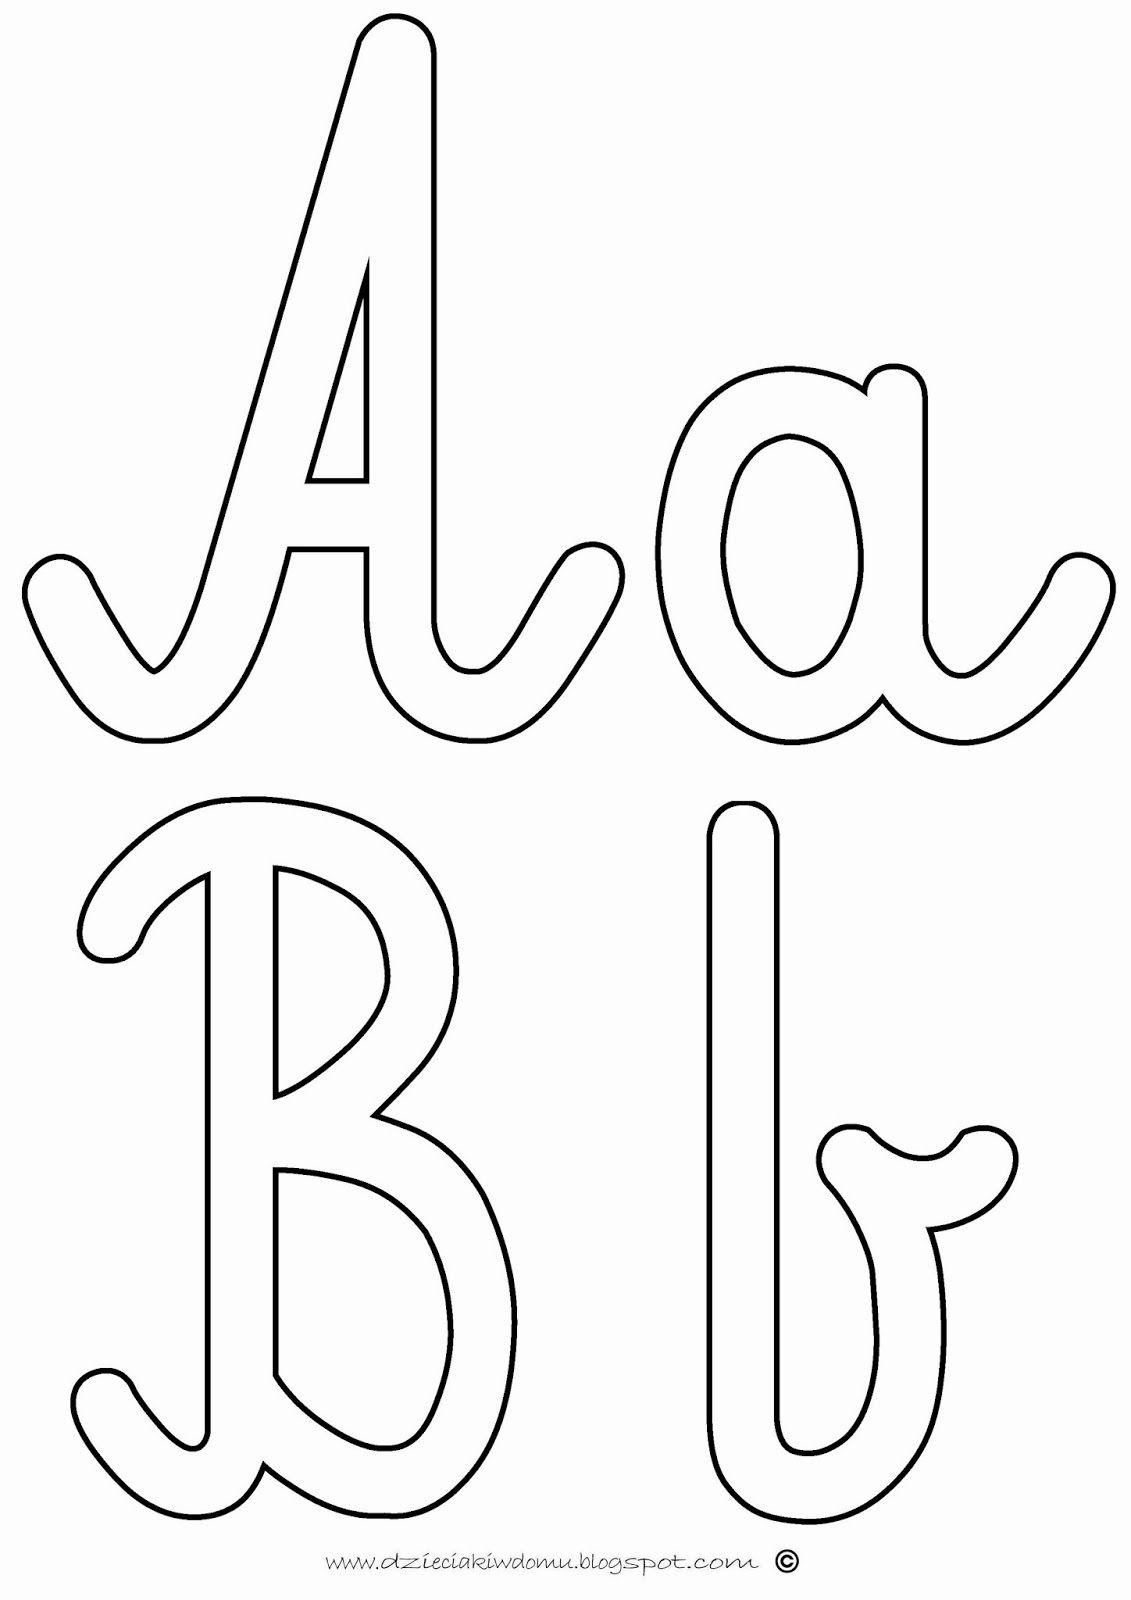 Szorstkie Literki Alfabet Przedszkole Szablony